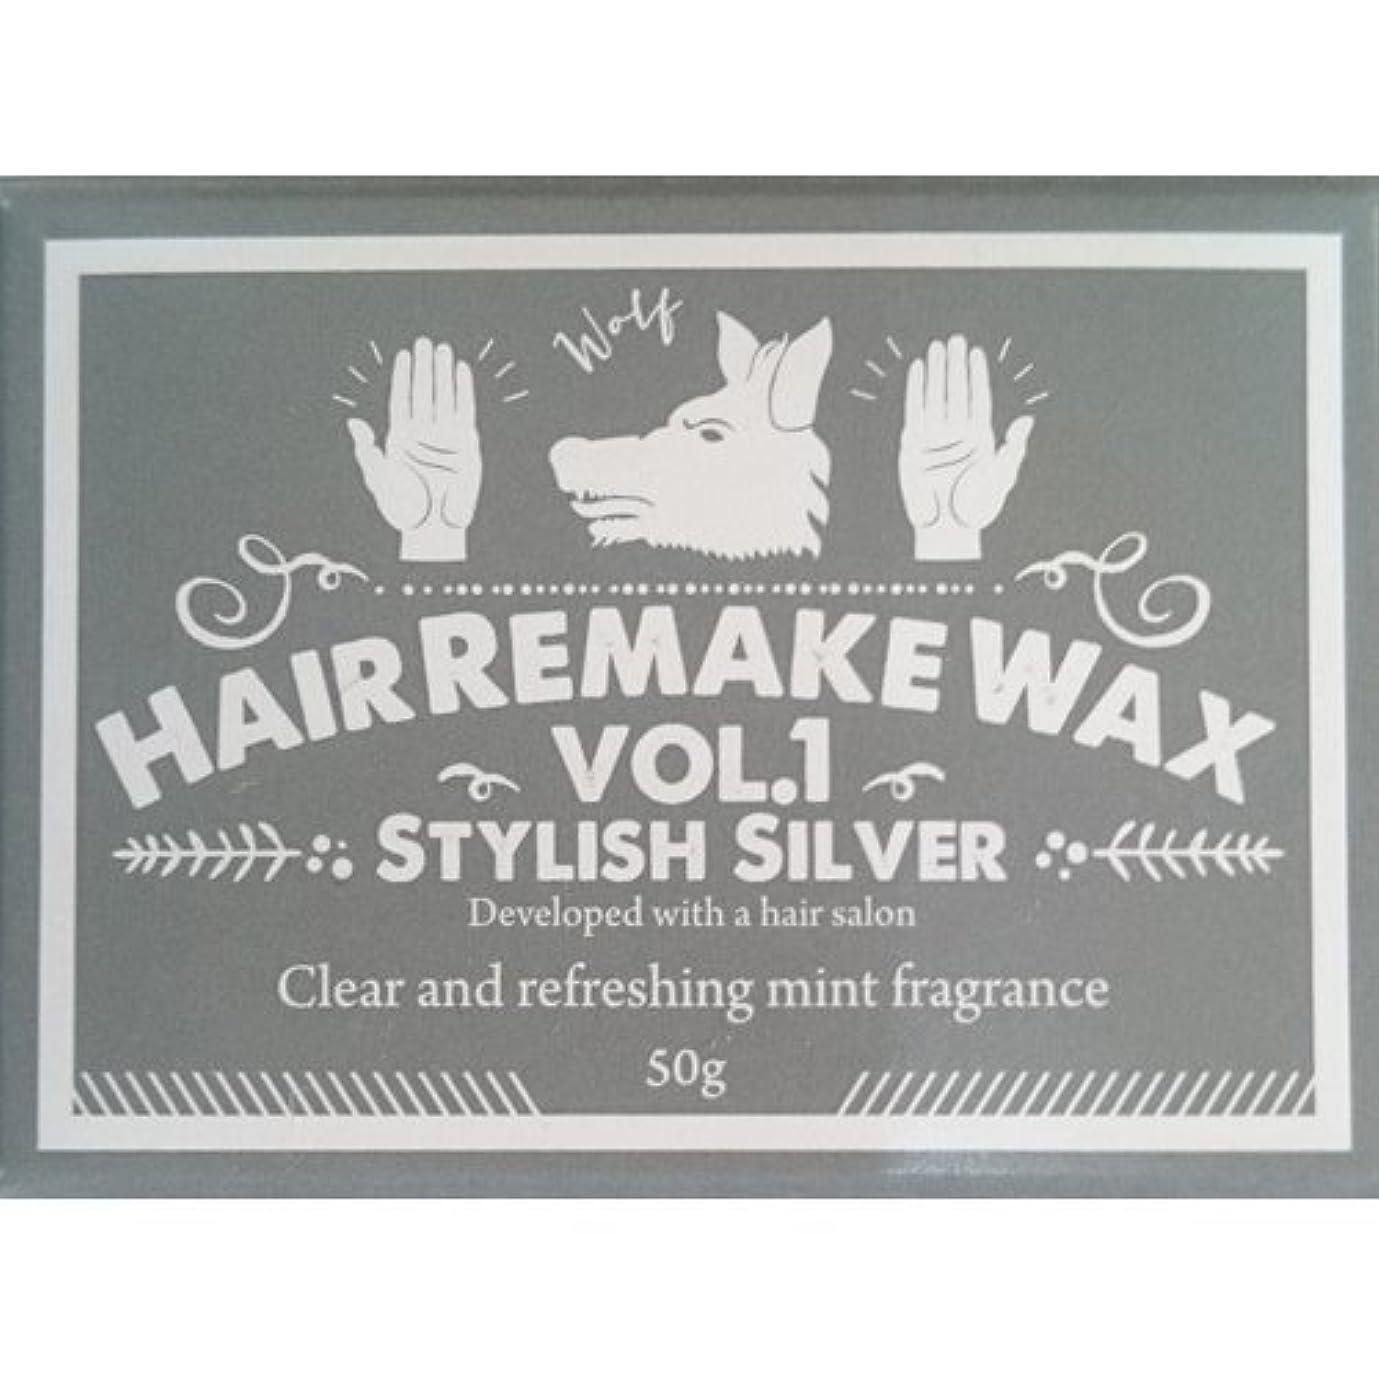 入口ワンダー髄パーティー 変装 銀髪用 Hair Remake(ヘアーリメイクワックス)WAX Vol.1 スタイリッシュシルバー 50g